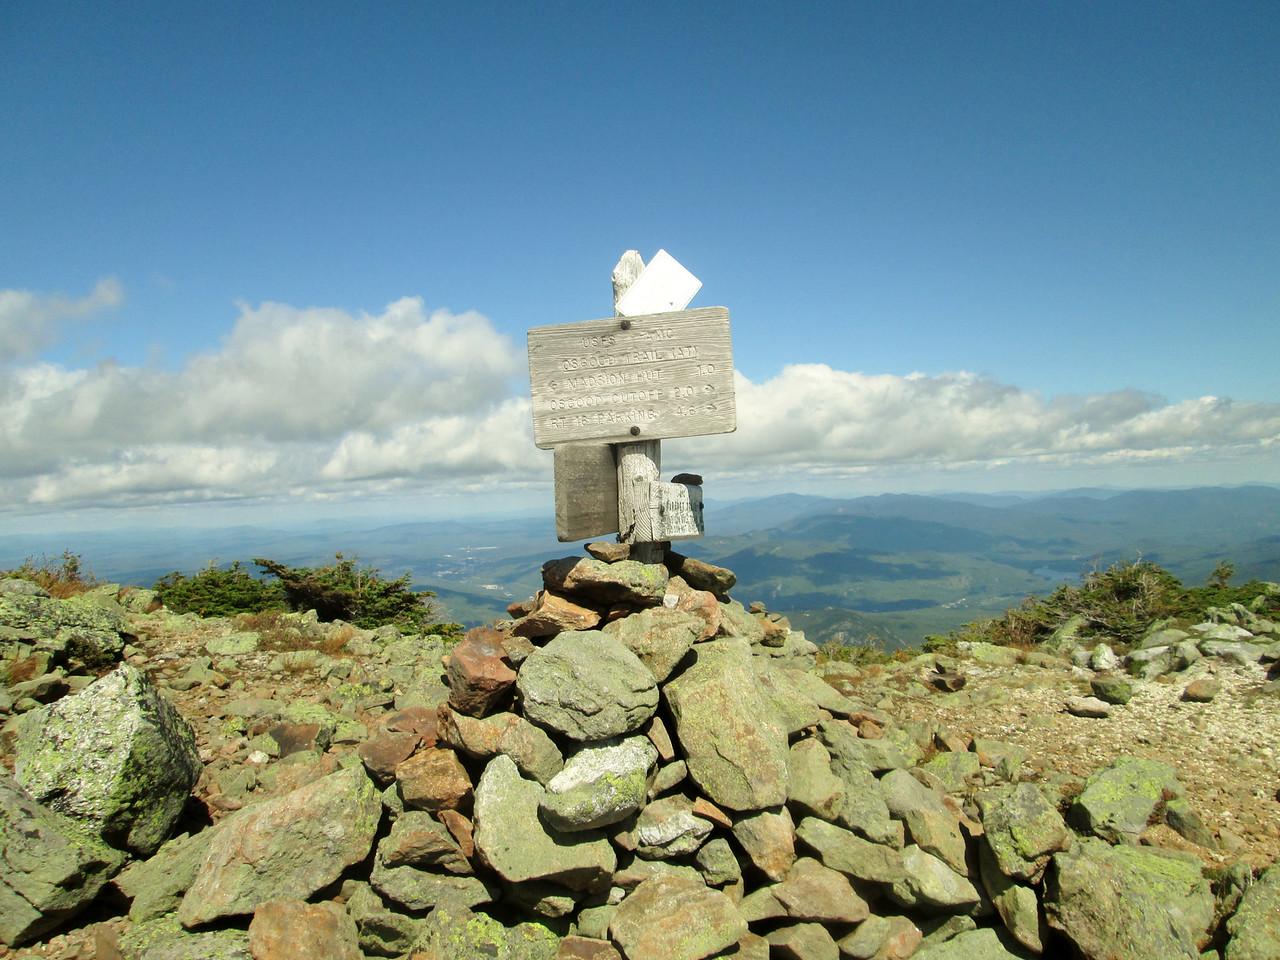 Redlining off.... I've hiked the Osgood Ridge Trail already.